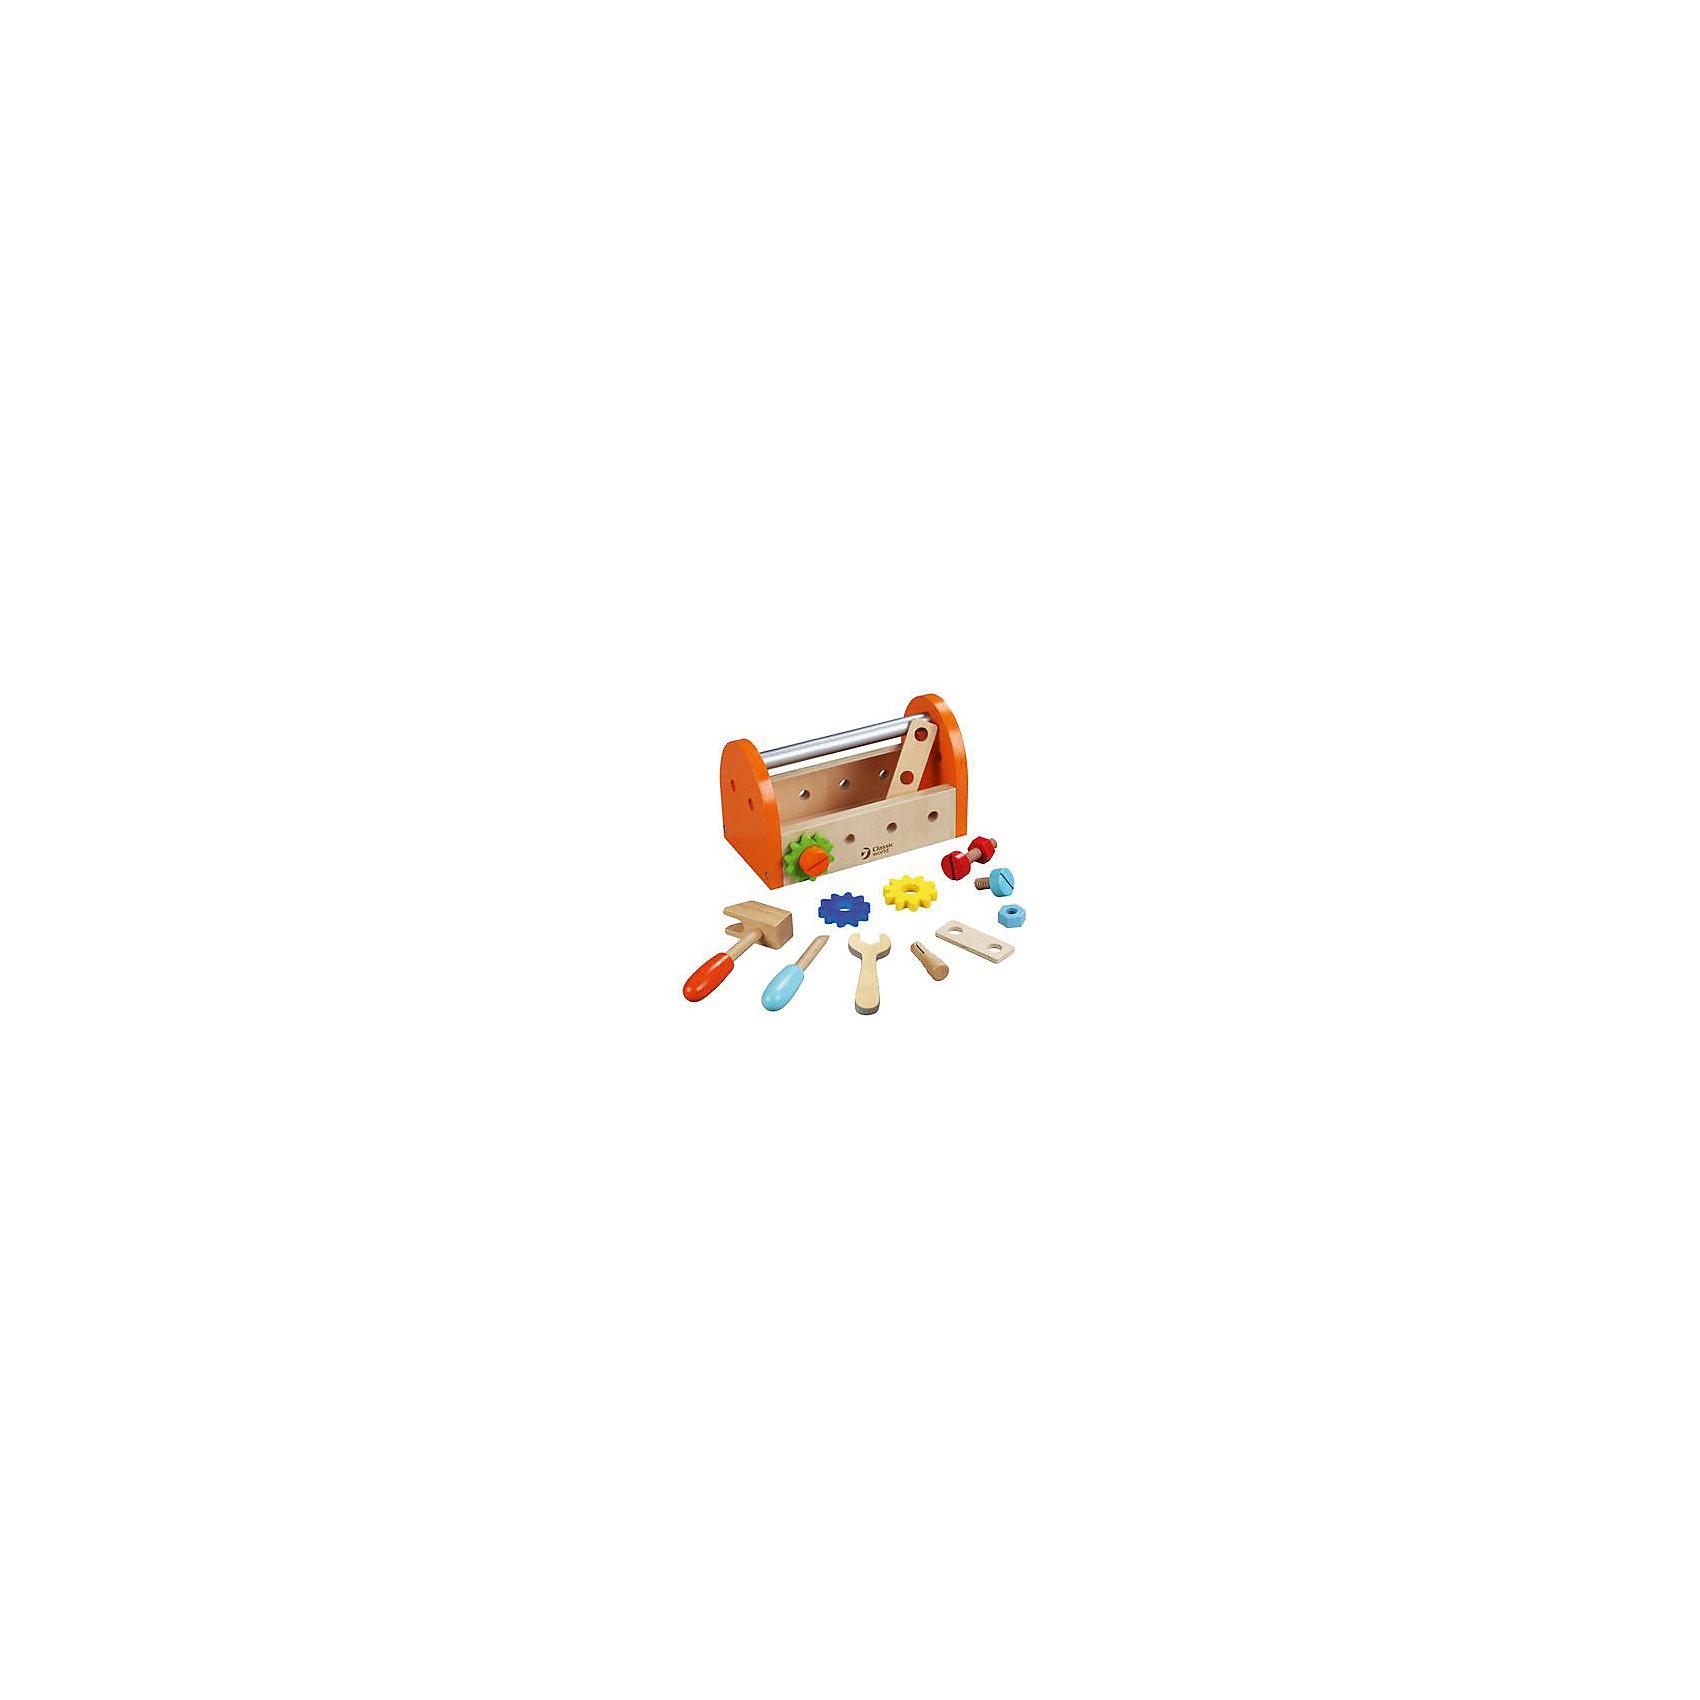 Набор инструментов из дерева Classic World Маленький столярНаборы инструментов<br>Характеристики:<br><br>• возраст: от 3 лет<br>• в наборе 16 предметов: ящик с ручкой, молоток, отвертка, гаечный ключ, детали-плашки, болты, гайки, шестеренки<br>• материал: дерево, металл<br>• упаковка: картонная коробка<br>• размер упаковки: 20х13х25 см.<br>• вес: 400 гр.<br><br>Игровой набор «Маленький столяр» непременно порадует каждого мальчишку. В удобном деревянном ящике с металлической ручкой малыш найдет все необходимые инструменты для ремонта. На боковых стенках ящика имеются отверстия, в которые ребенок сможет вкручивать болты. С набором малыш сможет играть в различные ролевые игры и выполнять различные ремонтные работы.<br><br>Набор отлично развивает мелкую моторику, логику, визуальные и сенсорные навыки.<br><br>Все инструменты в наборе выполнены из высококачественного дерева и вручную окрашены яркими безопасными красками. Набор удобно брать с собой на прогулки и в дорогу, он не занимает много места.<br><br>Игровой набор совместим с такими хитами, как «Набор столяра» и «Пояс столяра» от Classic Worl.<br><br>Набор инструментов из дерева Classic World Маленький столяр можно купить в нашем интернет-магазине.<br><br>Ширина мм: 200<br>Глубина мм: 130<br>Высота мм: 250<br>Вес г: 400<br>Возраст от месяцев: 36<br>Возраст до месяцев: 2147483647<br>Пол: Мужской<br>Возраст: Детский<br>SKU: 7044546